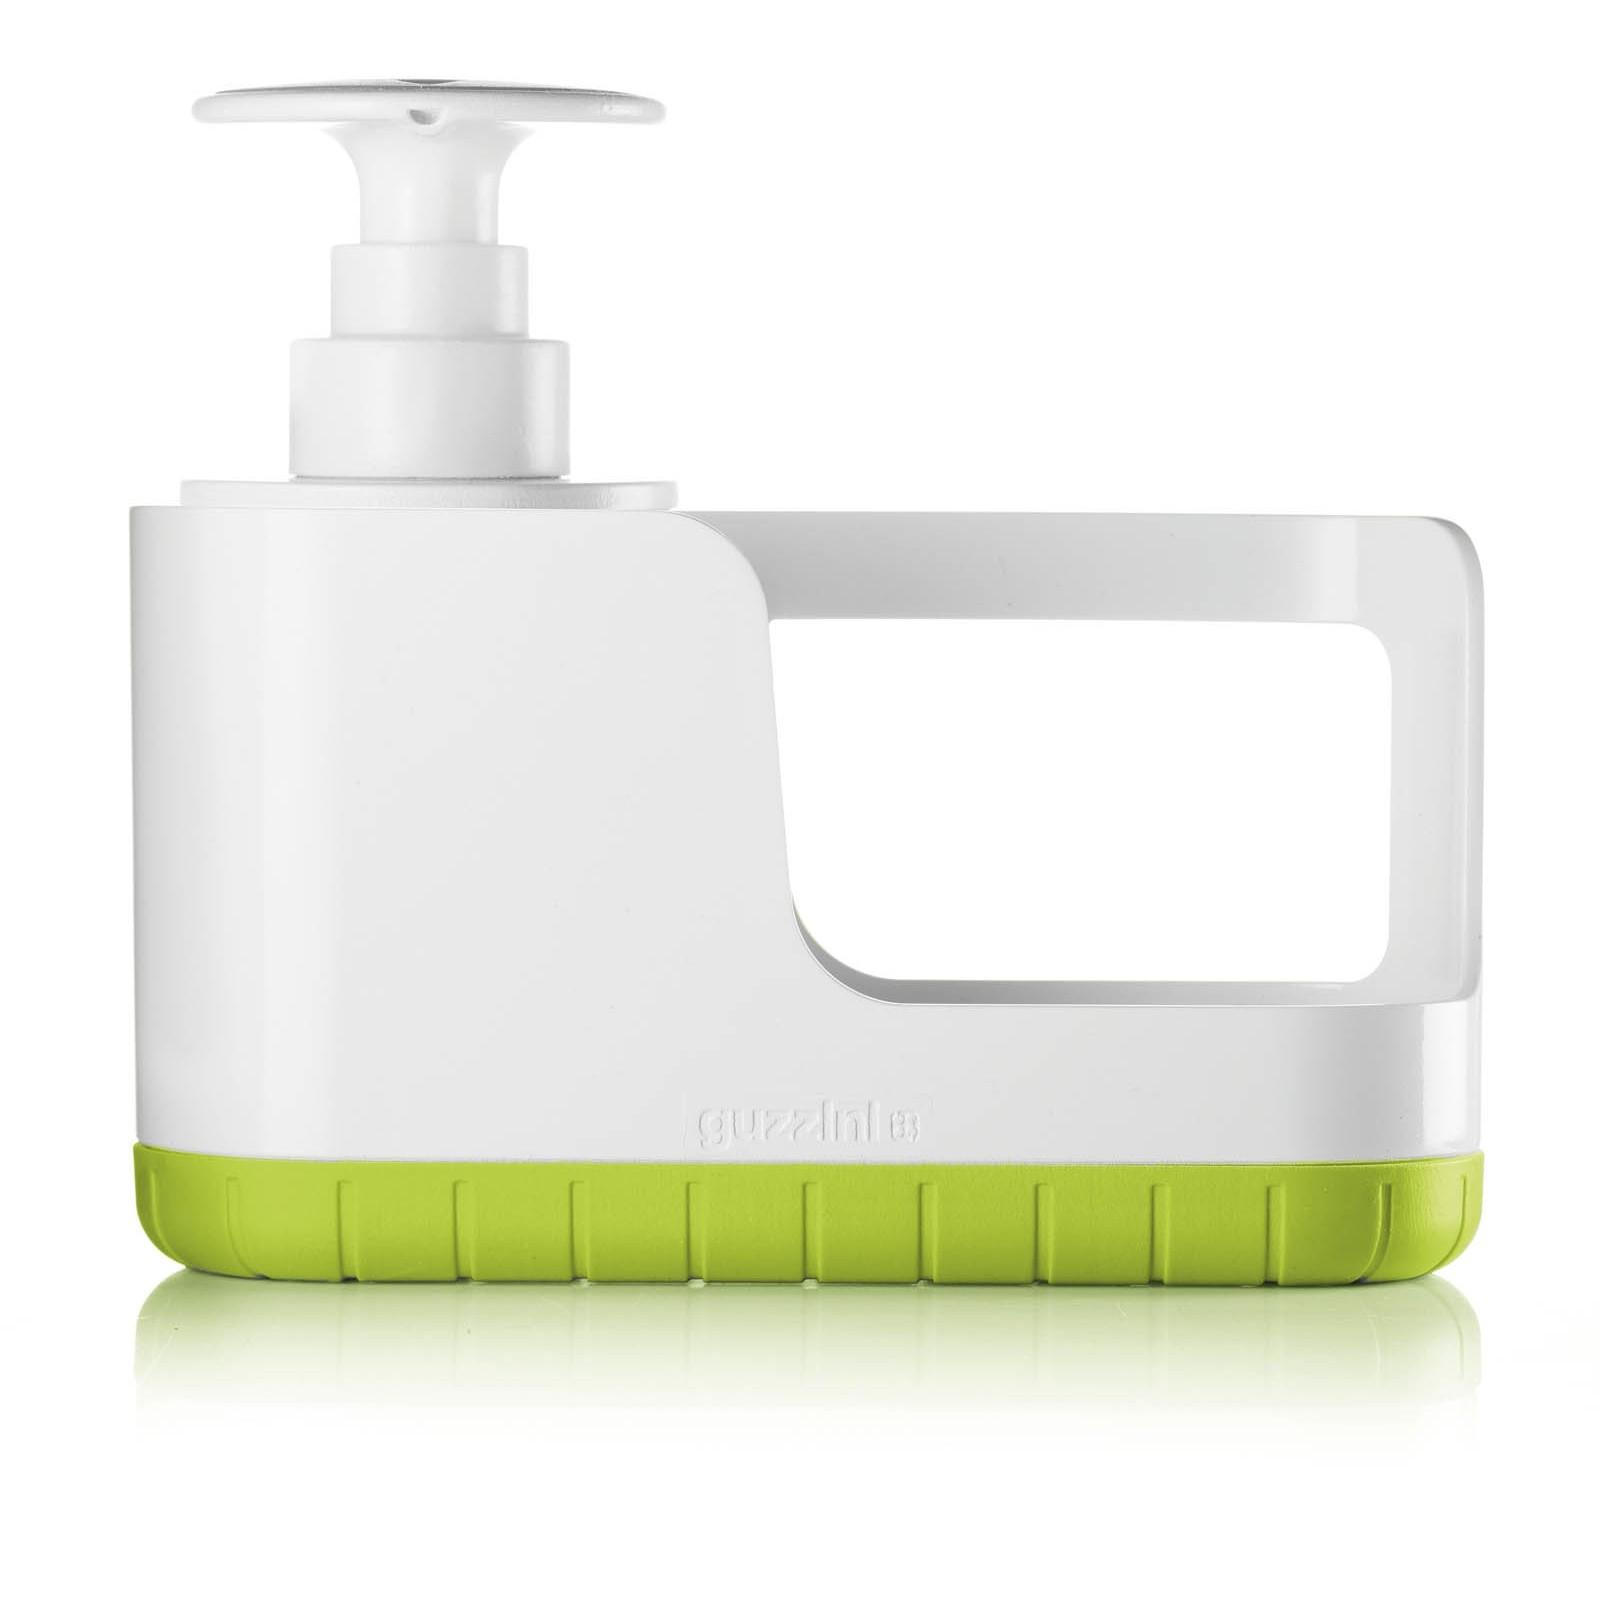 Набор для раковины (дозатор для мыла + подставка для губки) MY KITCHENFratelli Guzzini производит пластиковую посуду и аксессуары для дома. Элегантный комплект из дозатора и подставки - удобный предмет для кухни. Жидкое мыло (или жидкость для мытья посуды) и губка будут всегда под рукой.<br>